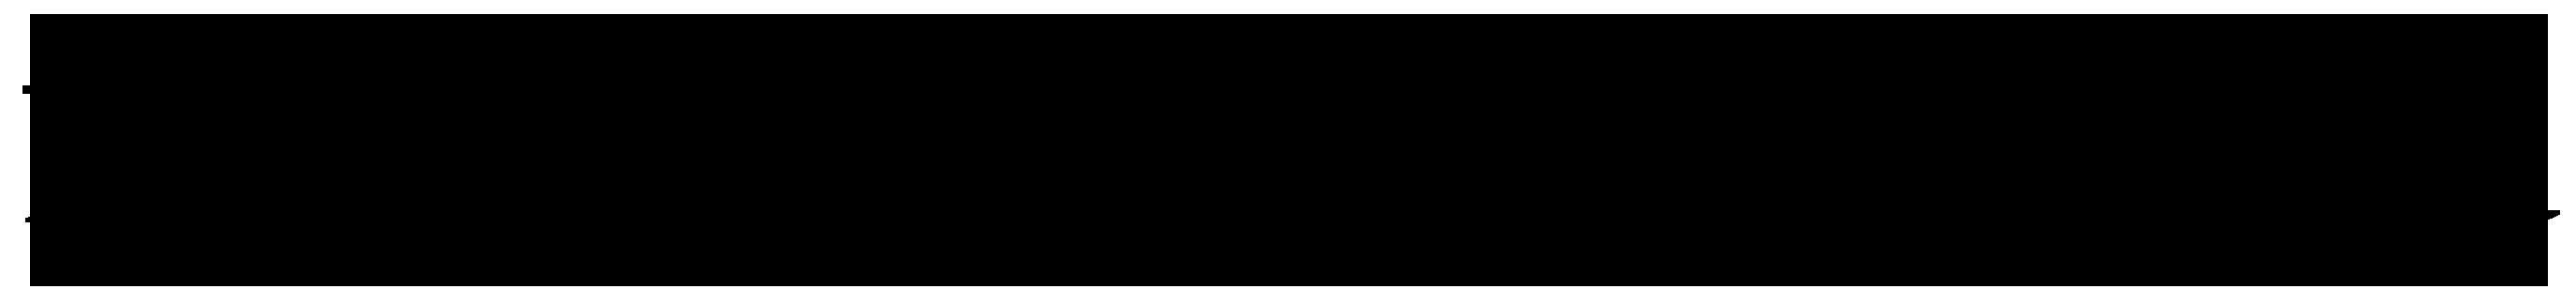 Fedra Serif Display Std